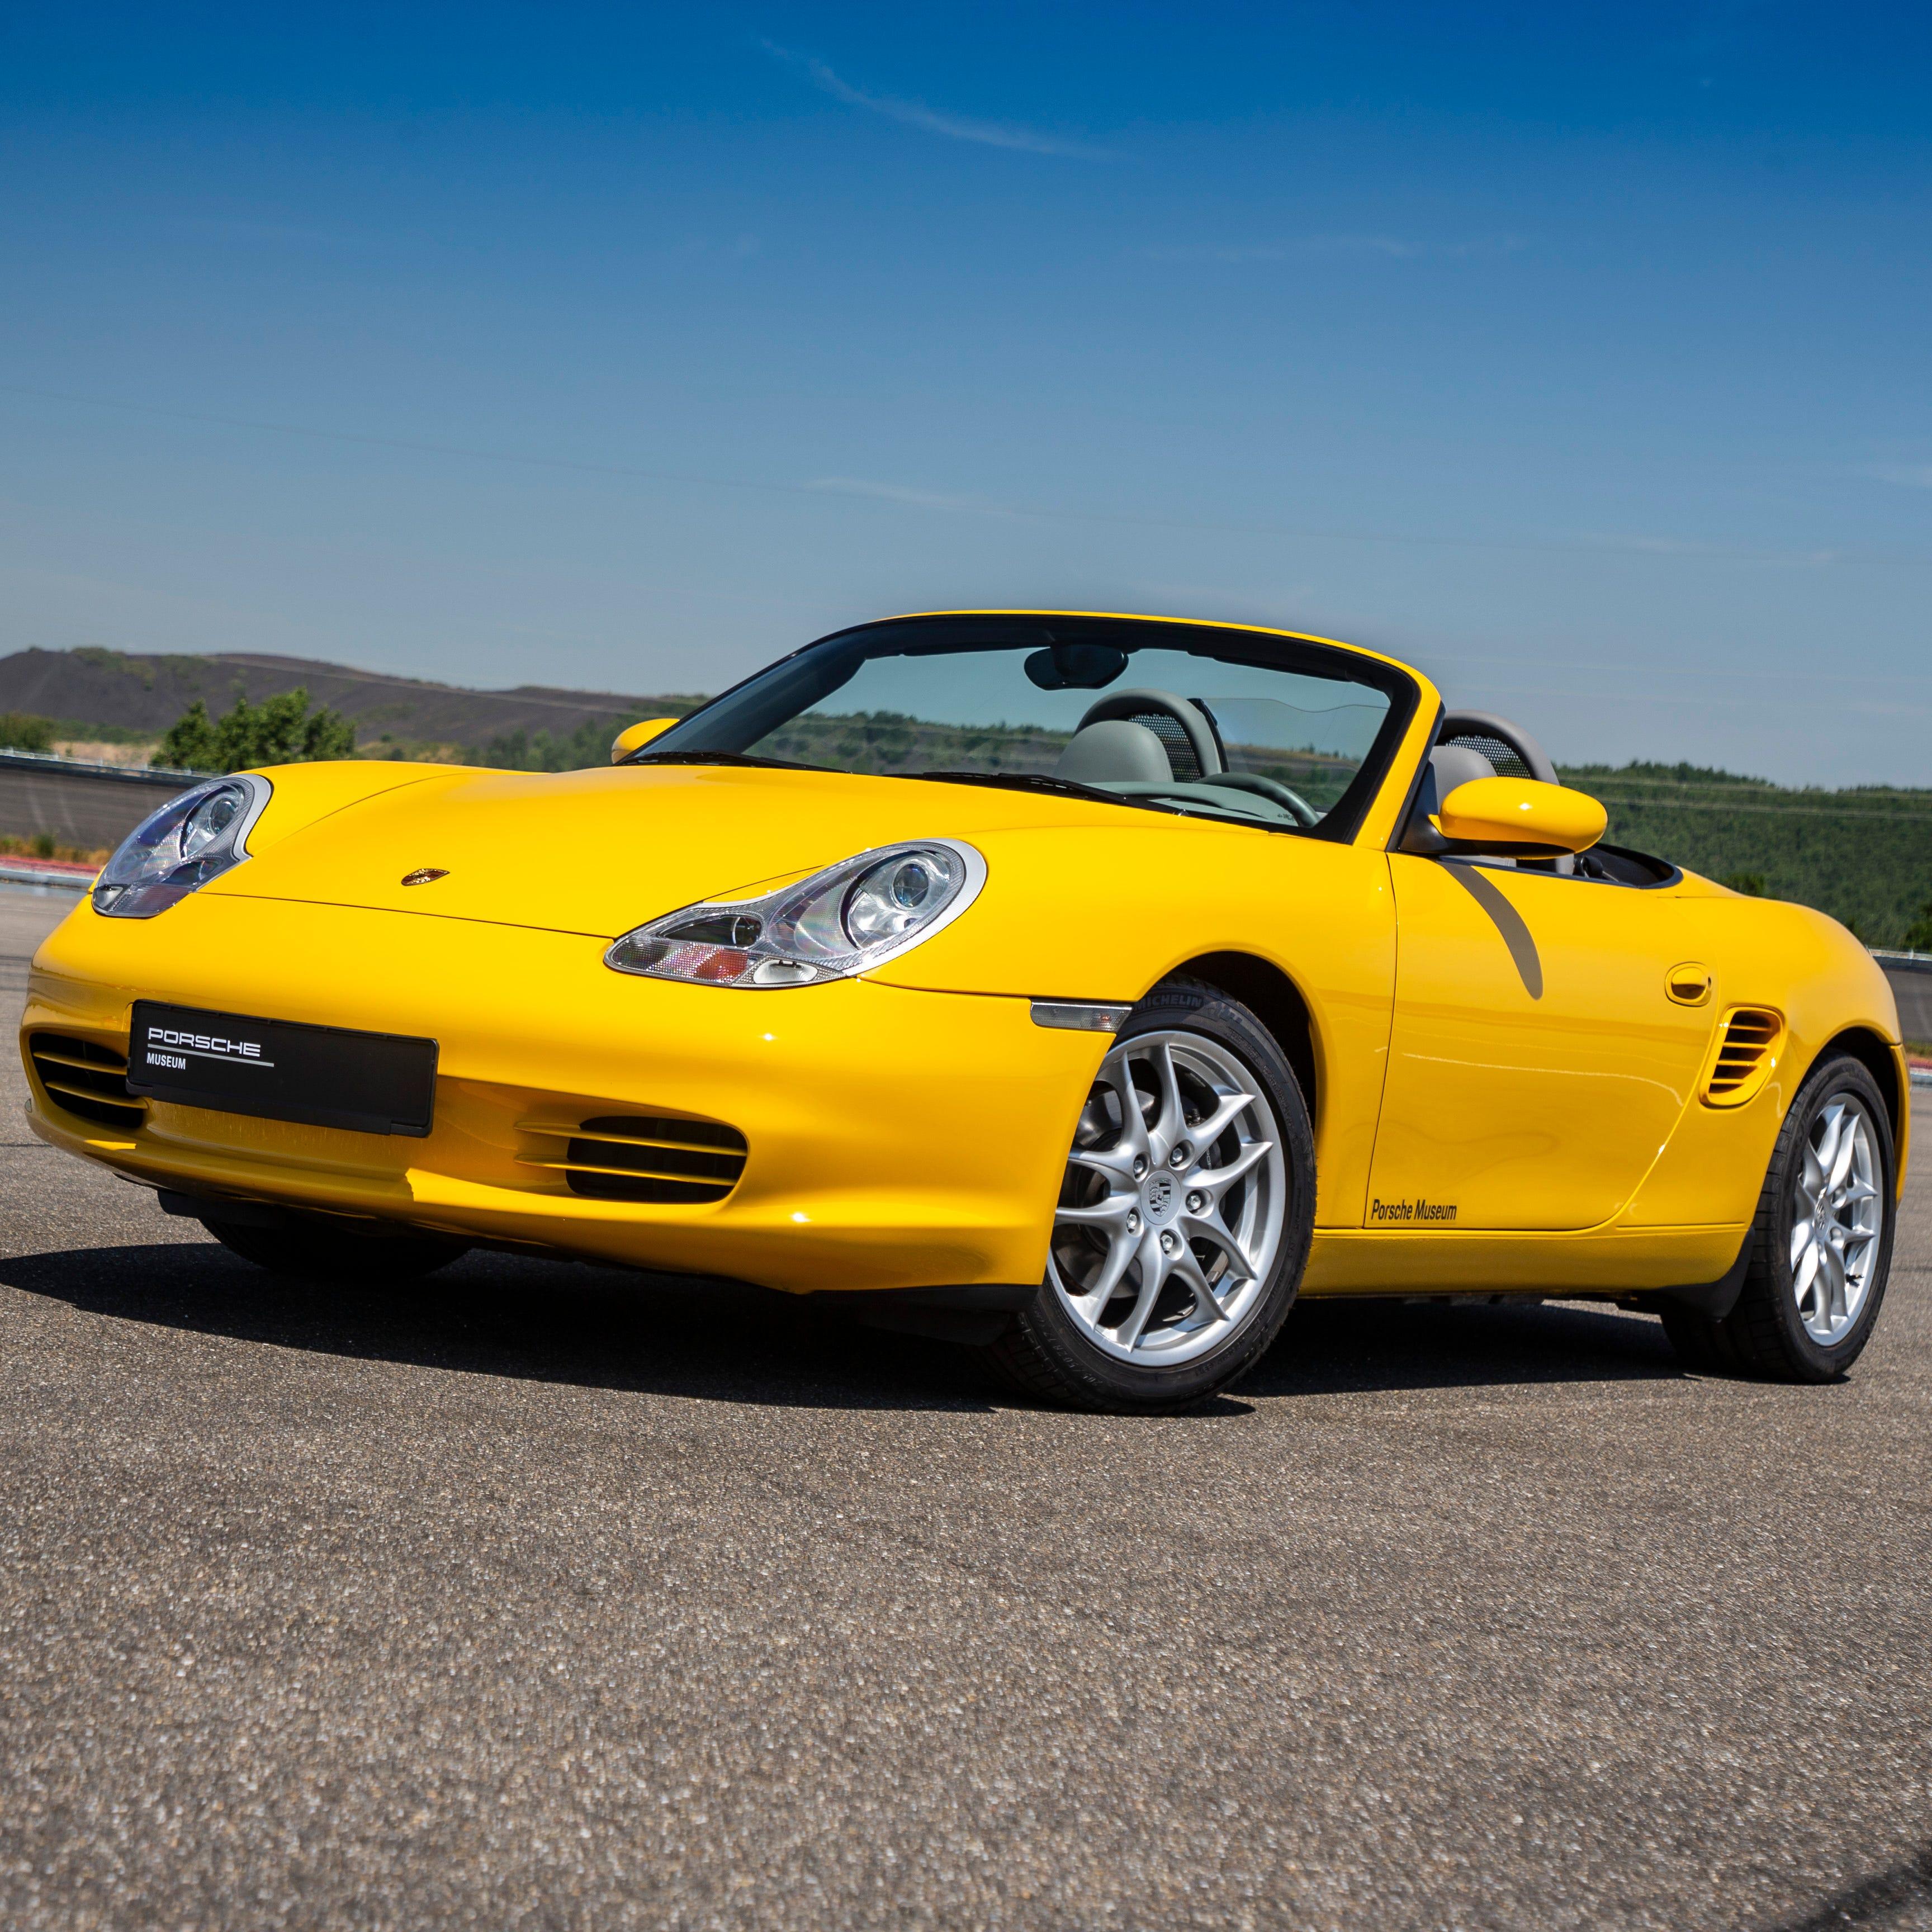 The Porsche Boxster.